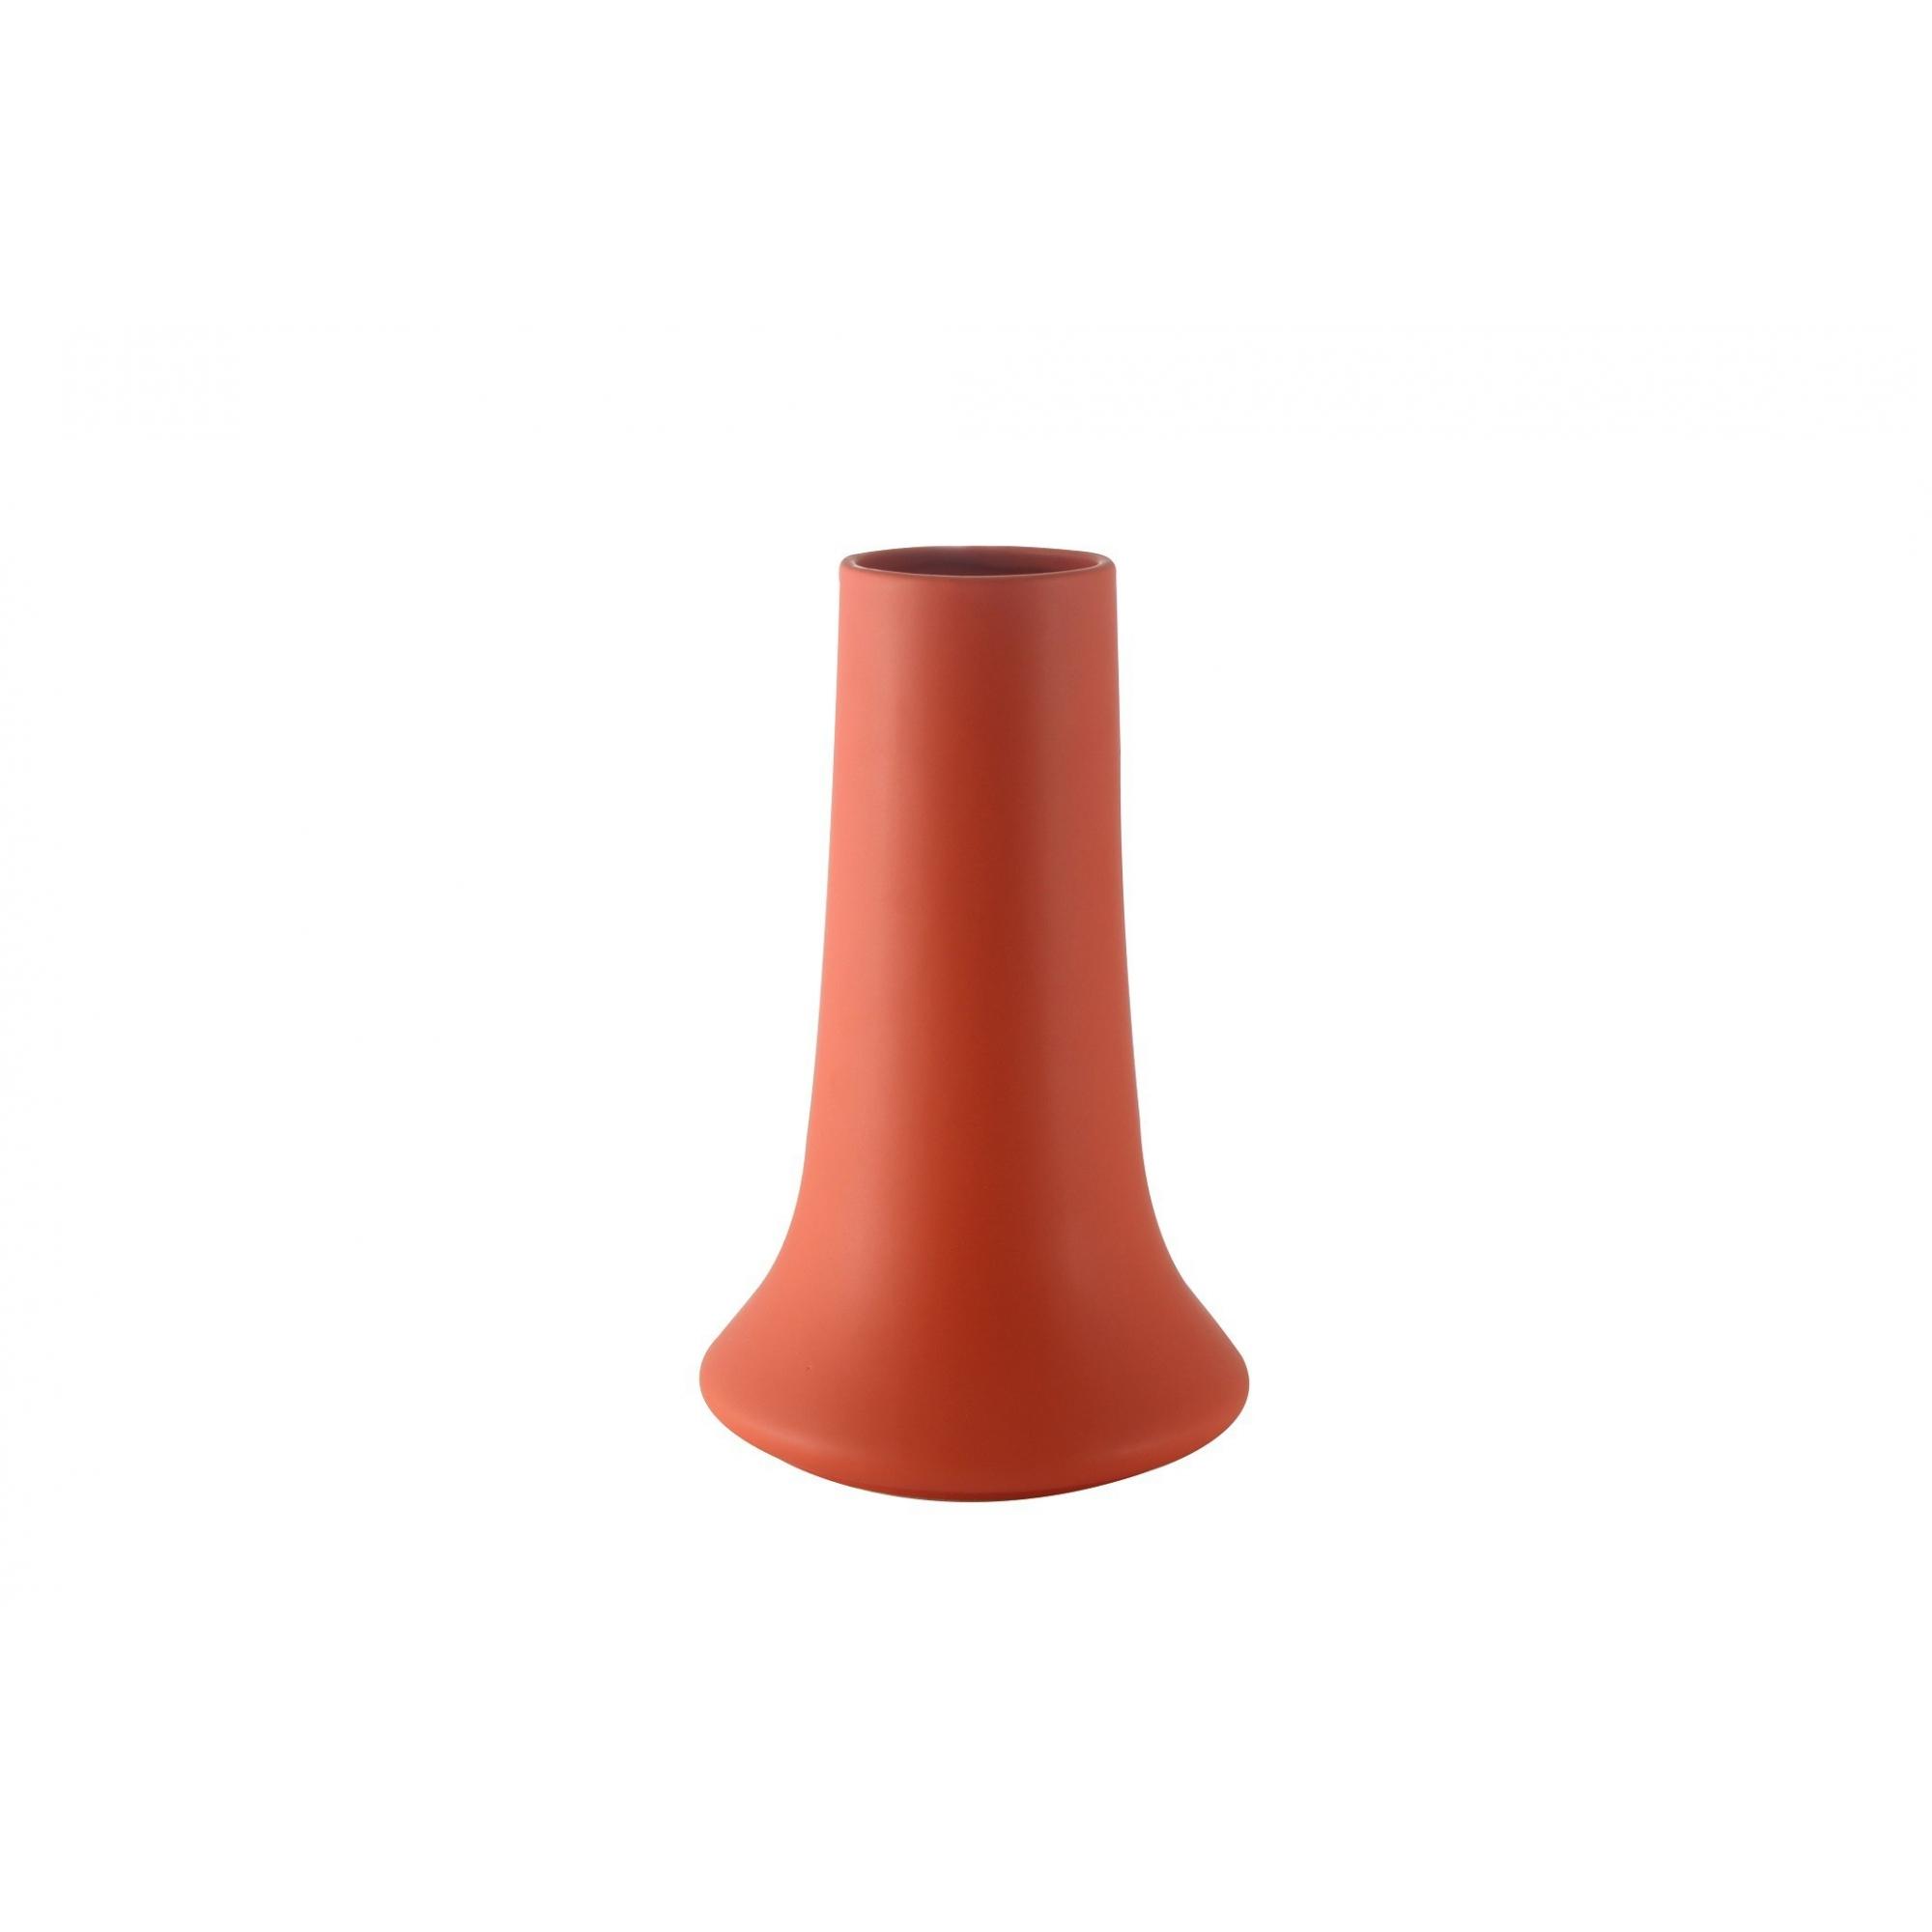 Vaso Ondo Grande |  orange